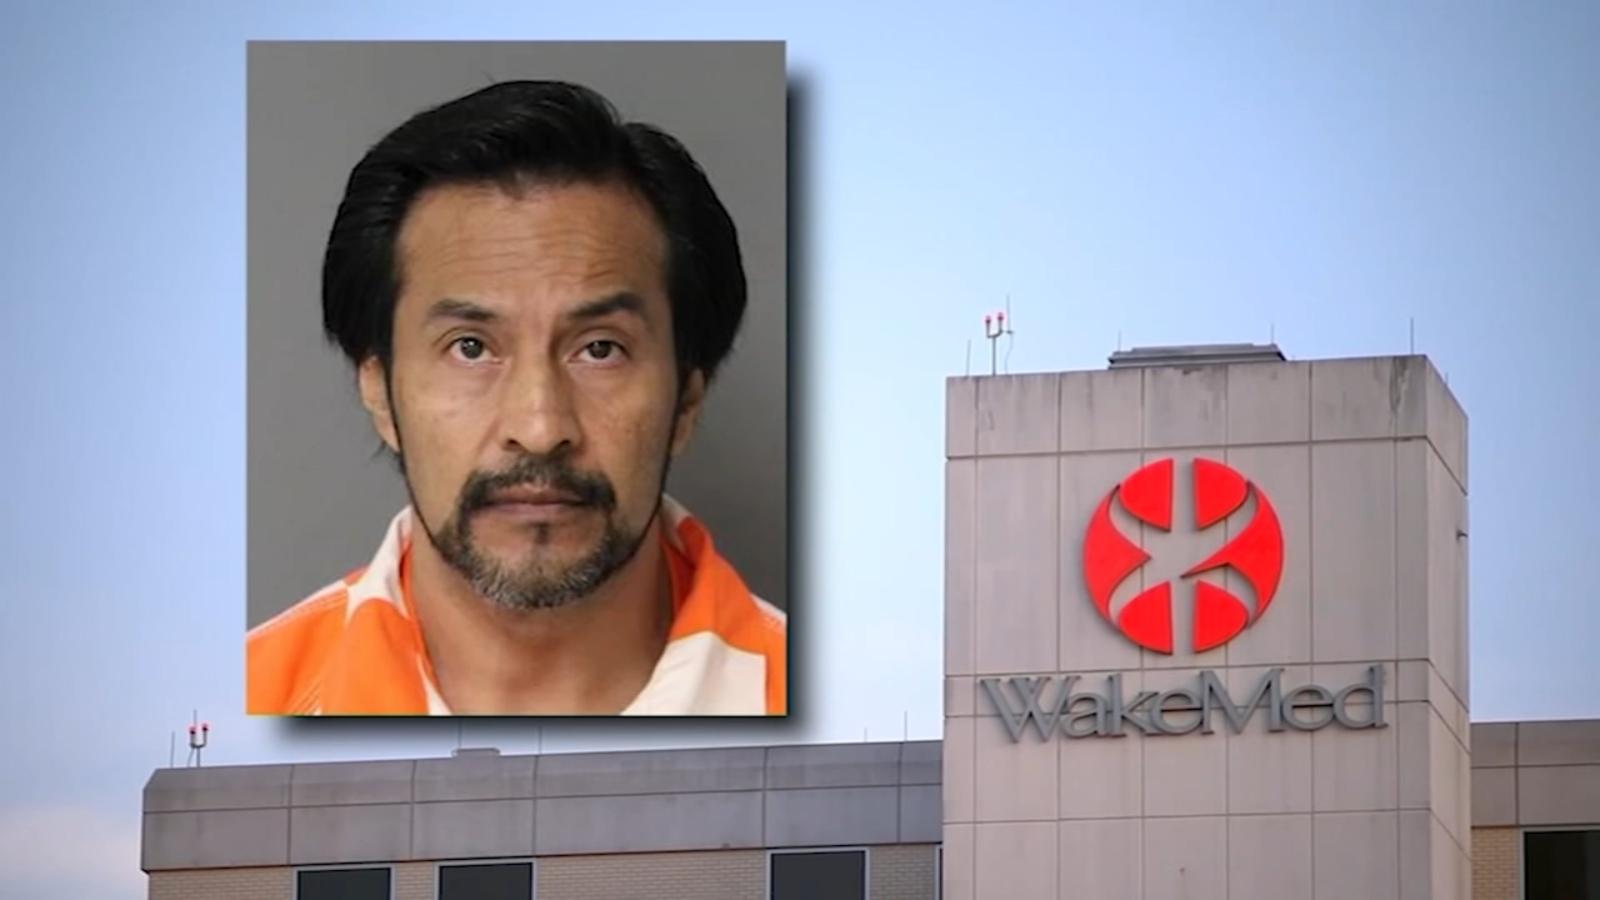 Durham man peeped on 6-year-old in WakeMed bathroom, warrants say